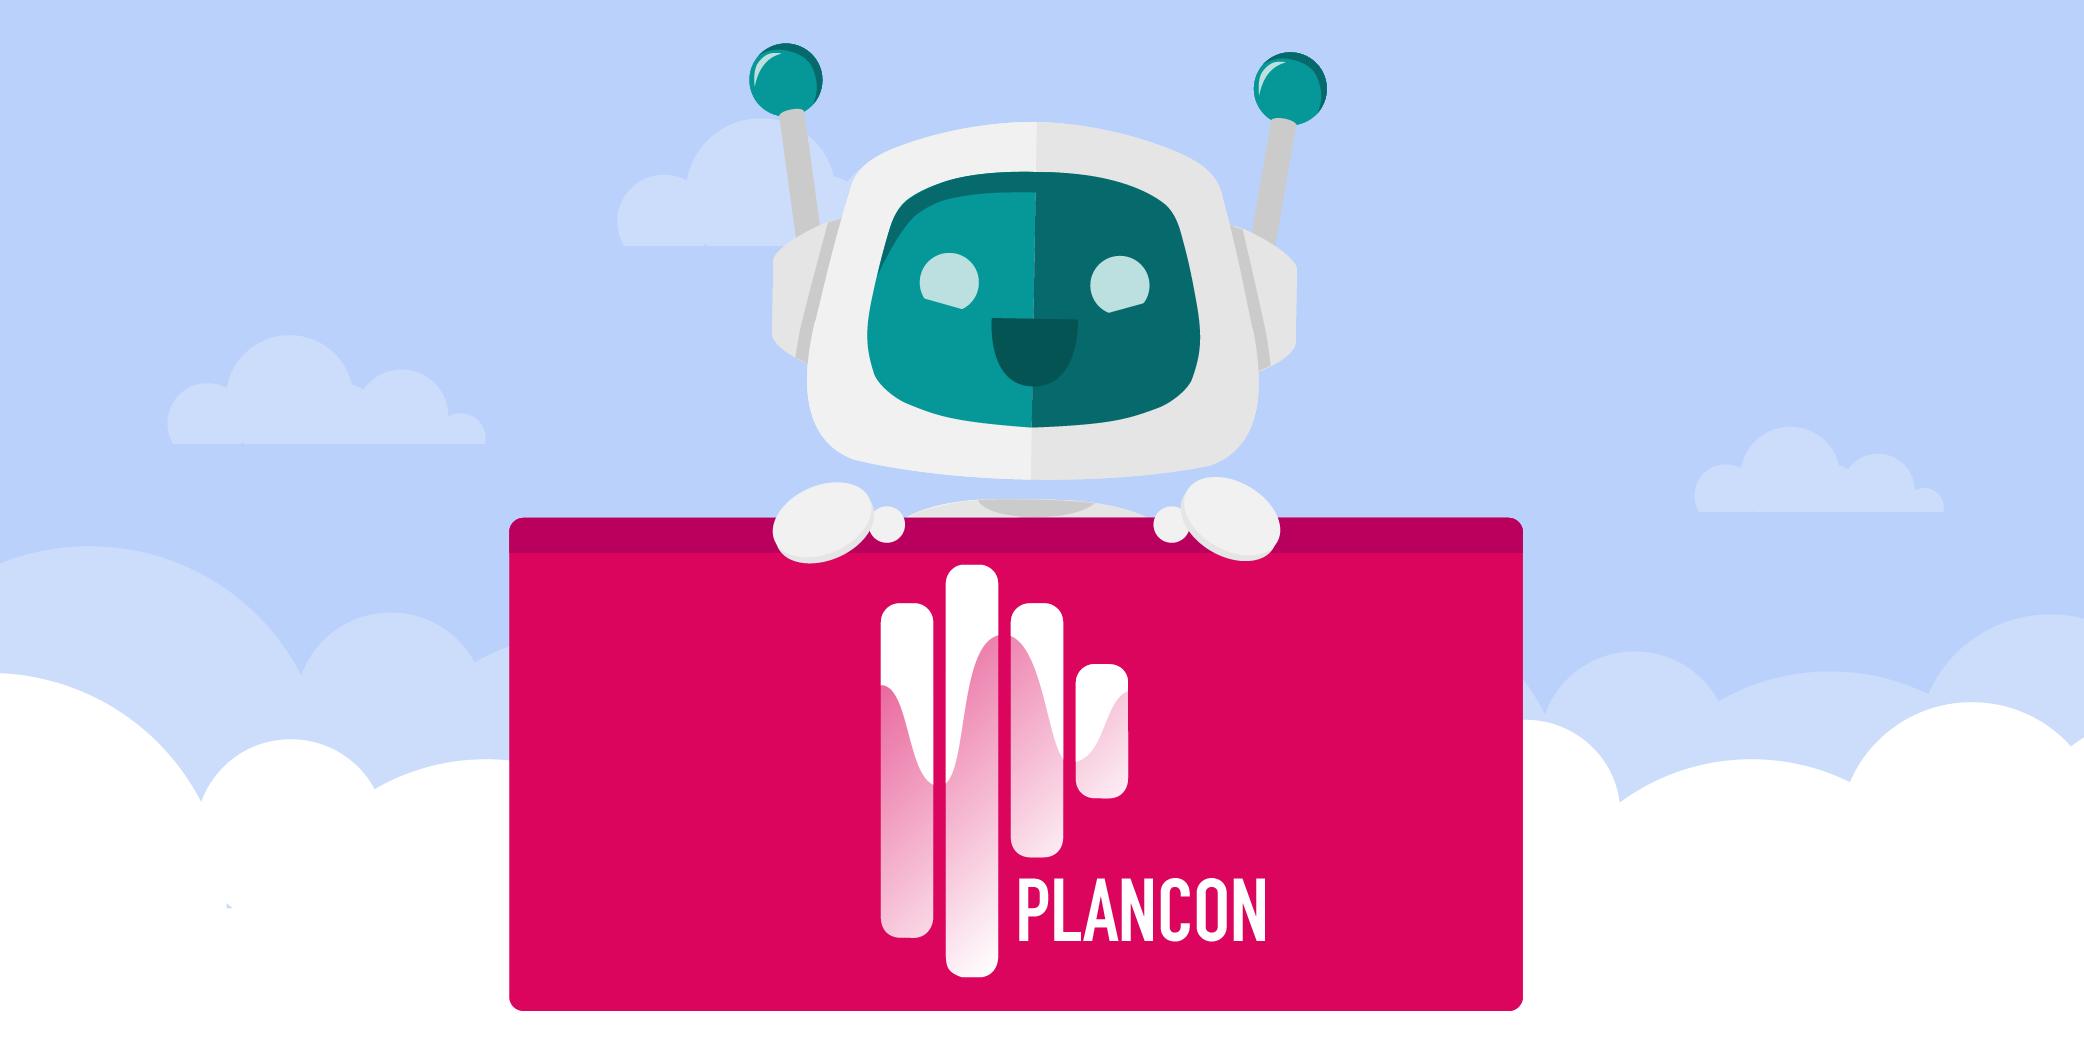 PlanCon 2019 - Das neue Top-Event für alle WFM-Heroes im Contact Center